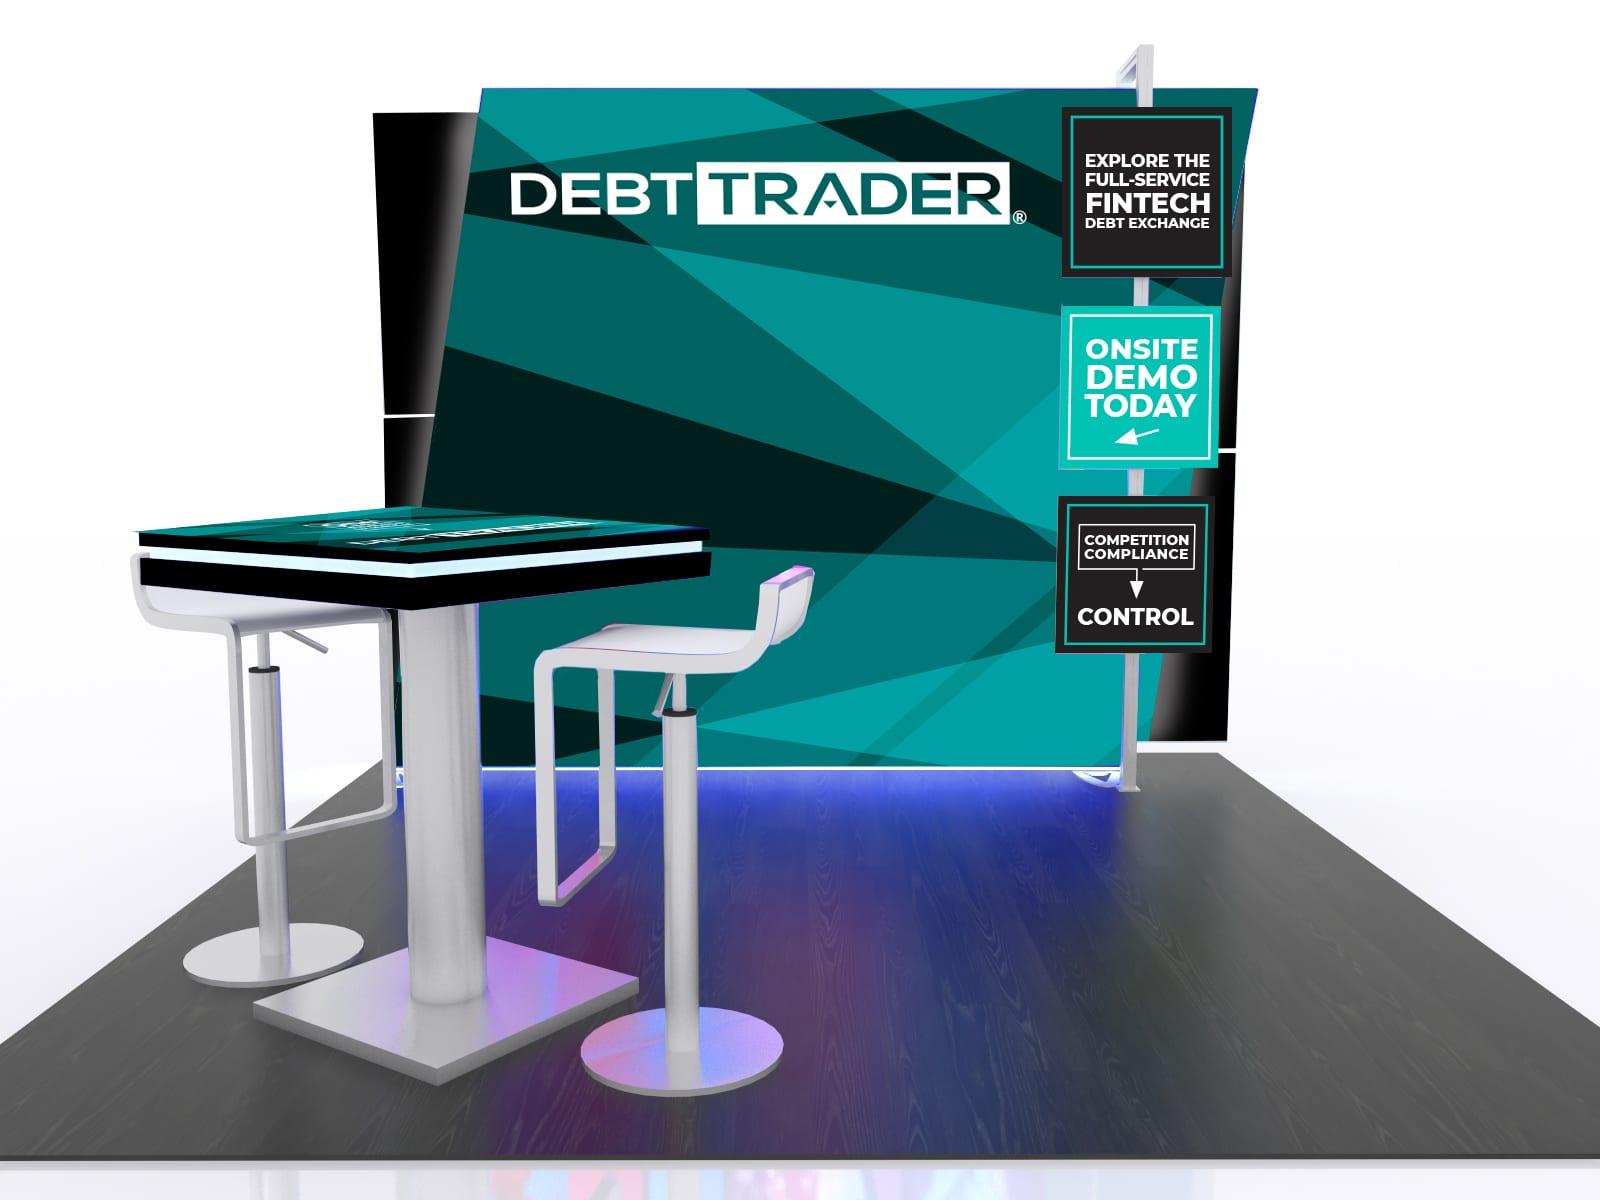 DebtTrader background